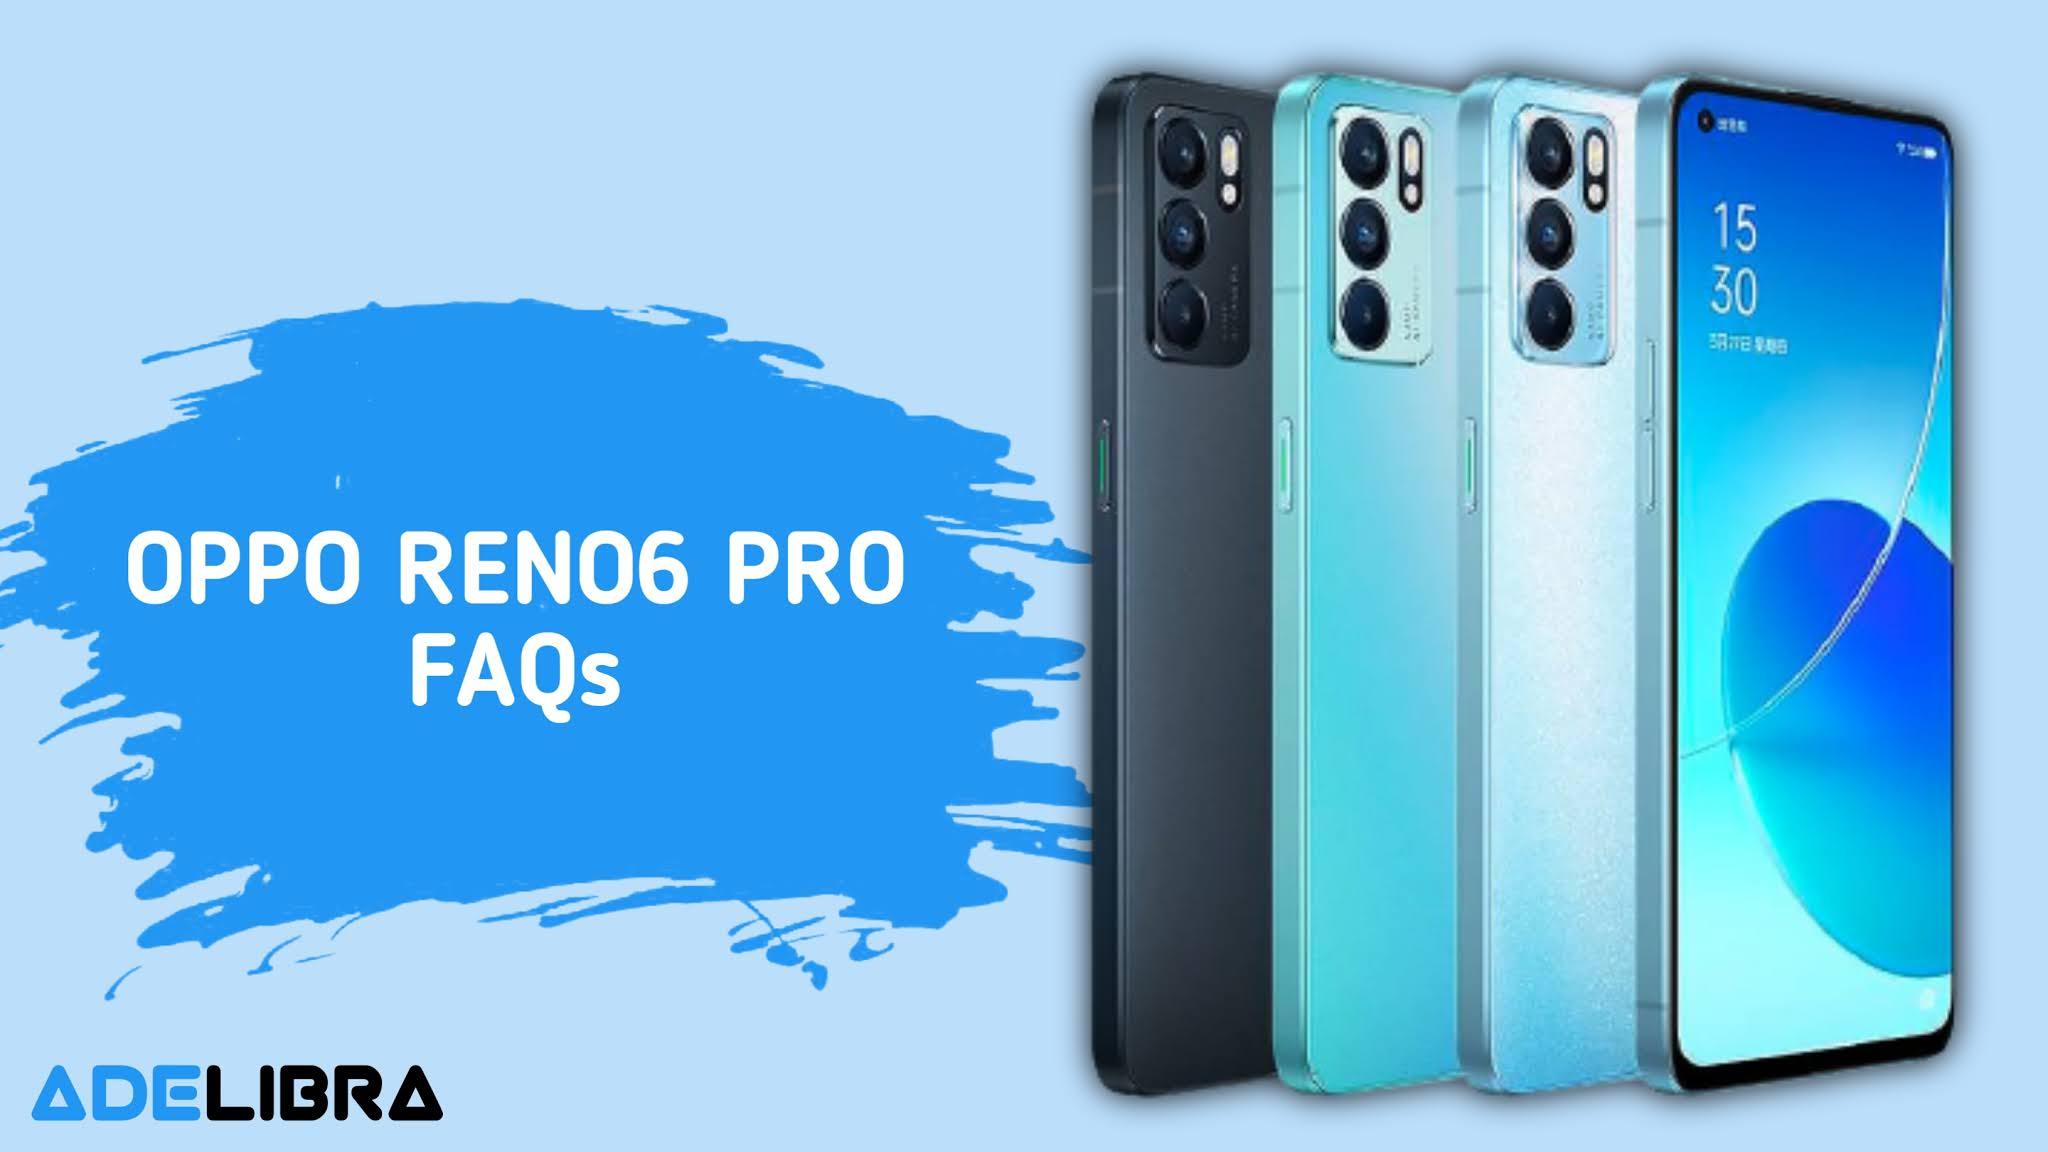 Oppo Reno 6 Pro FAQs